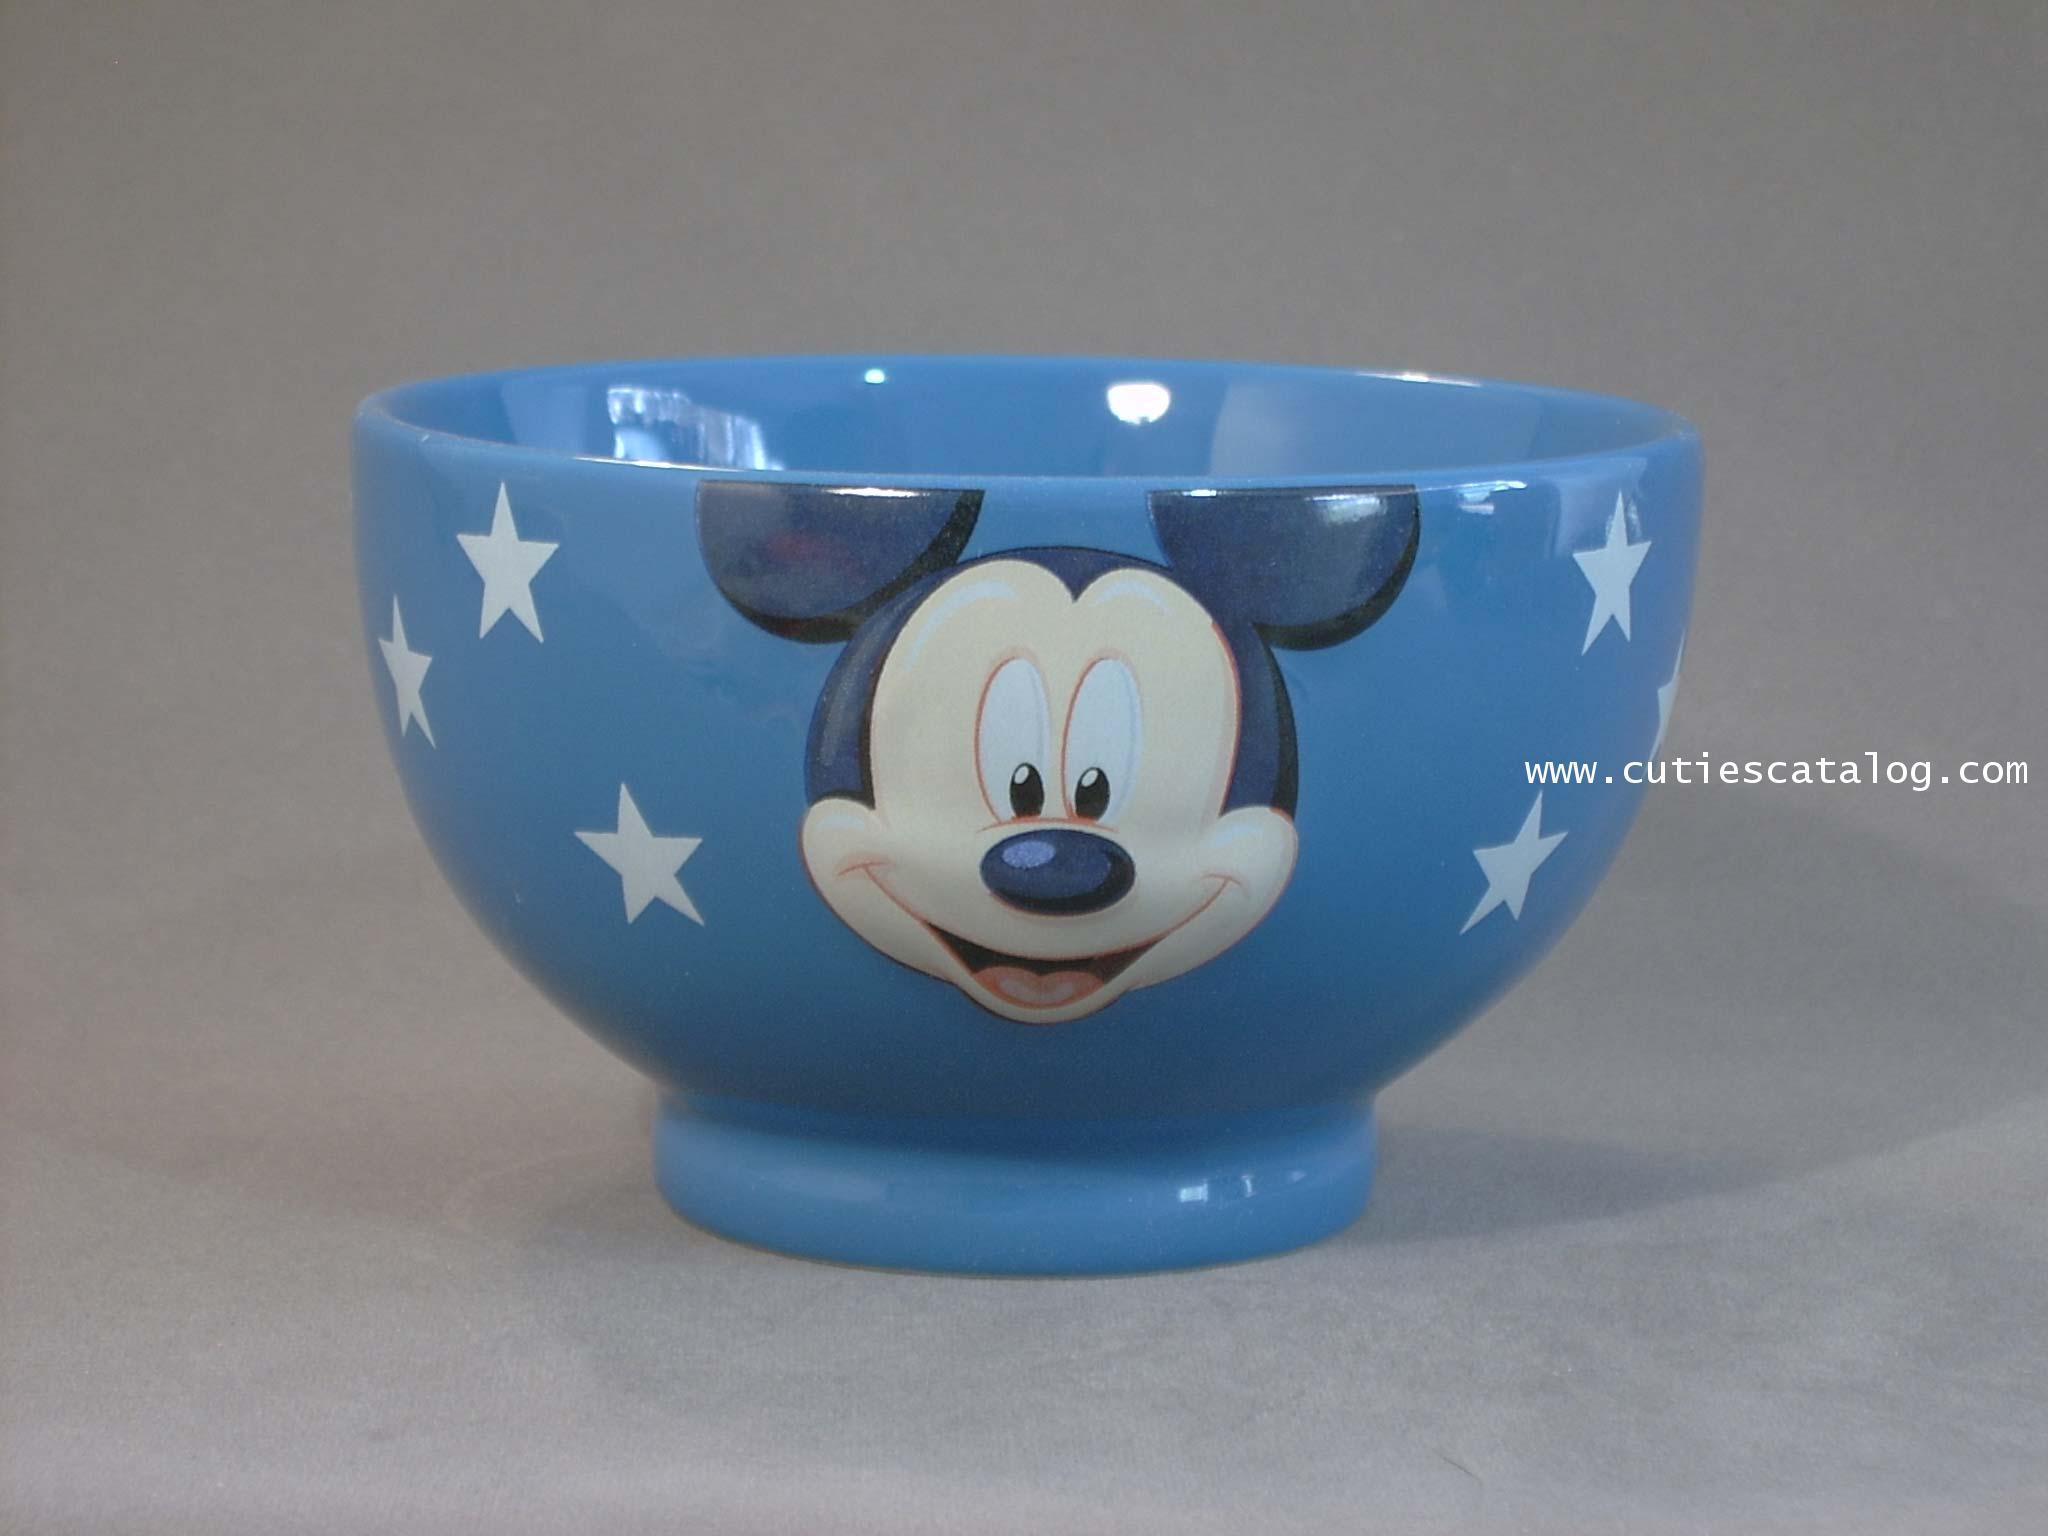 ชามดิสนีย์ ชุดลายหน้าใหญ่ ลายมิคกี้(mickey face bowl)